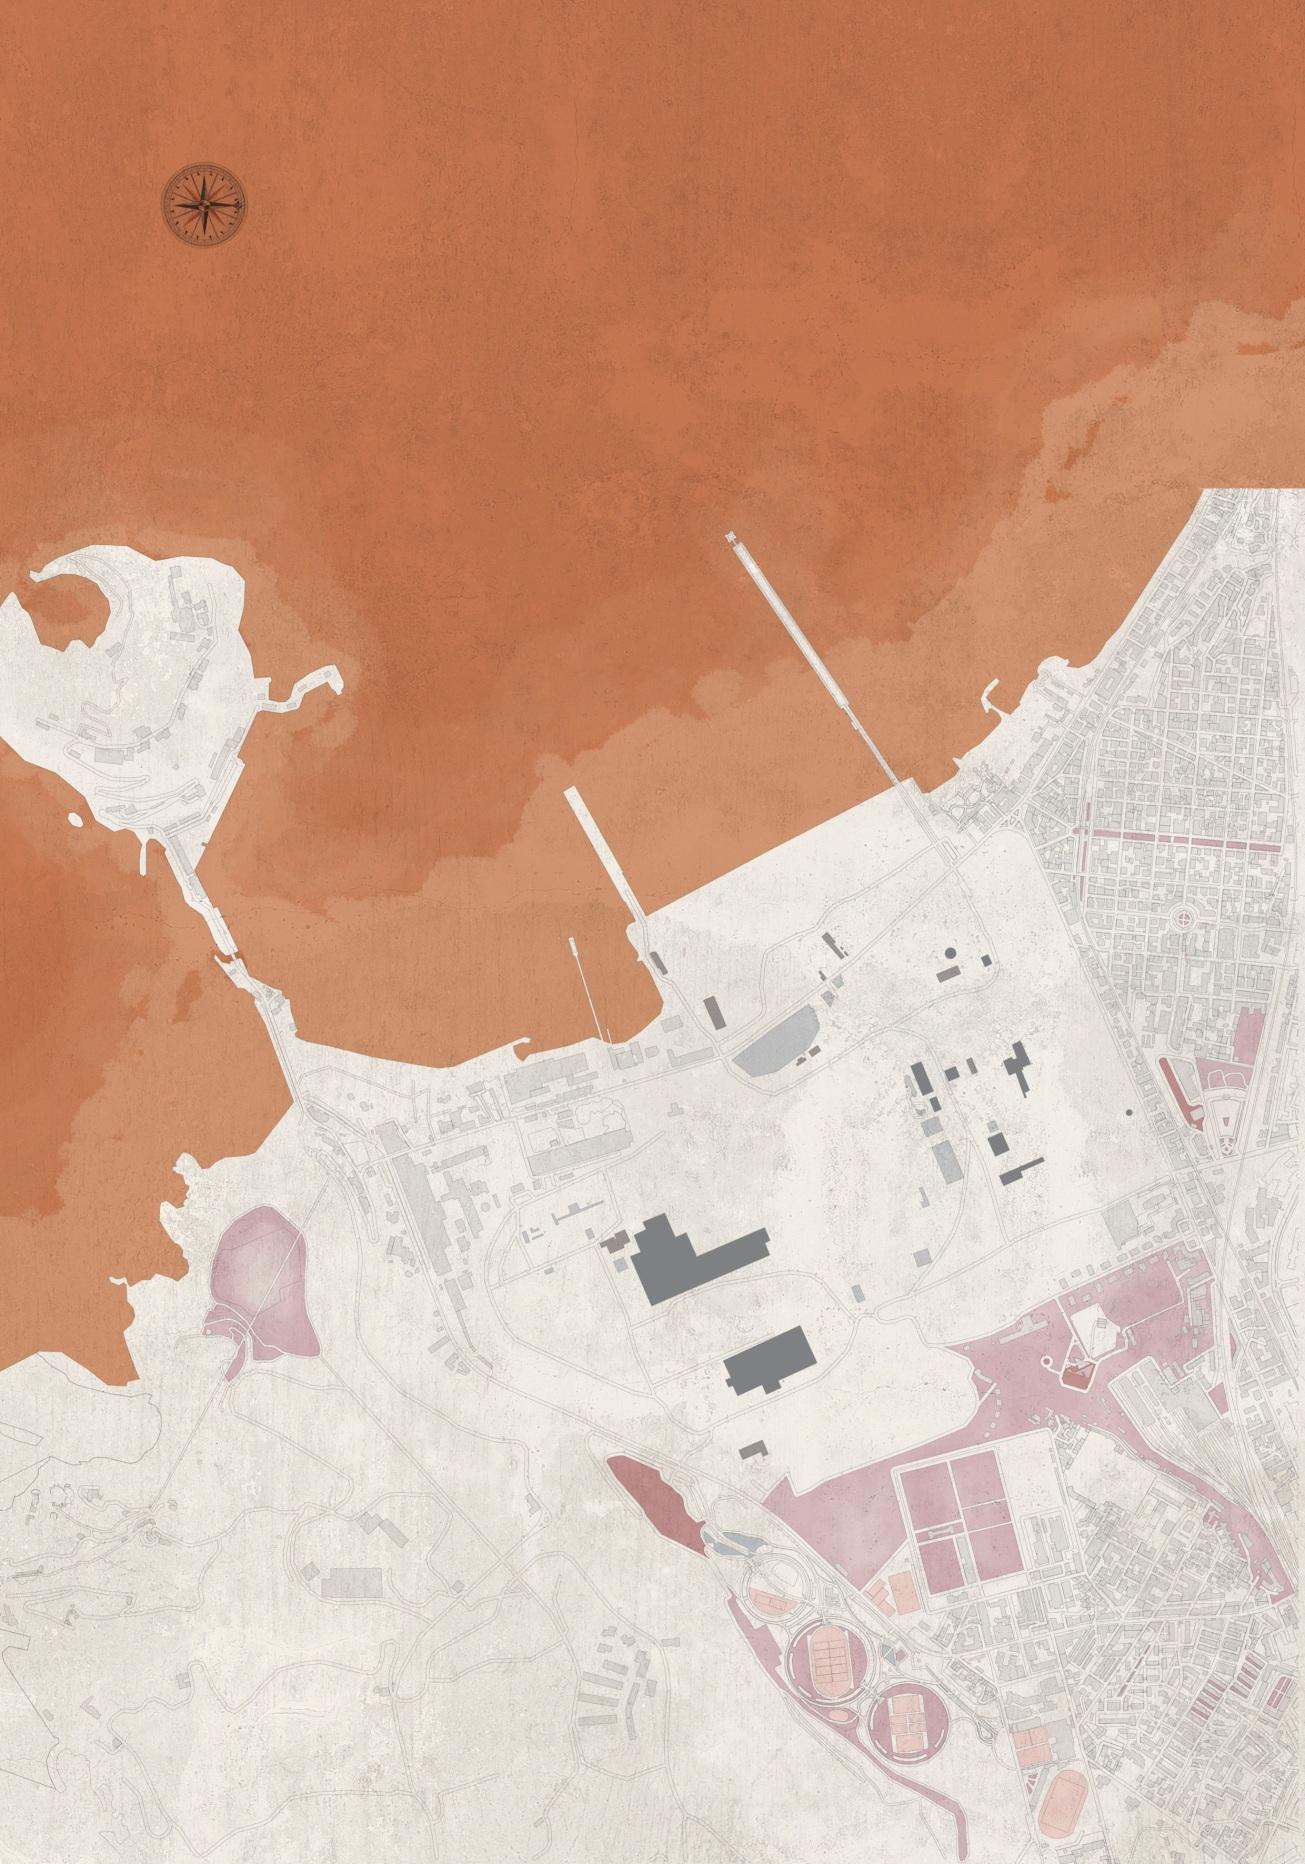 3_actual-masterplan-overview-fabrizia-mattiello-2016-master-thesis-politecnico-di-milano